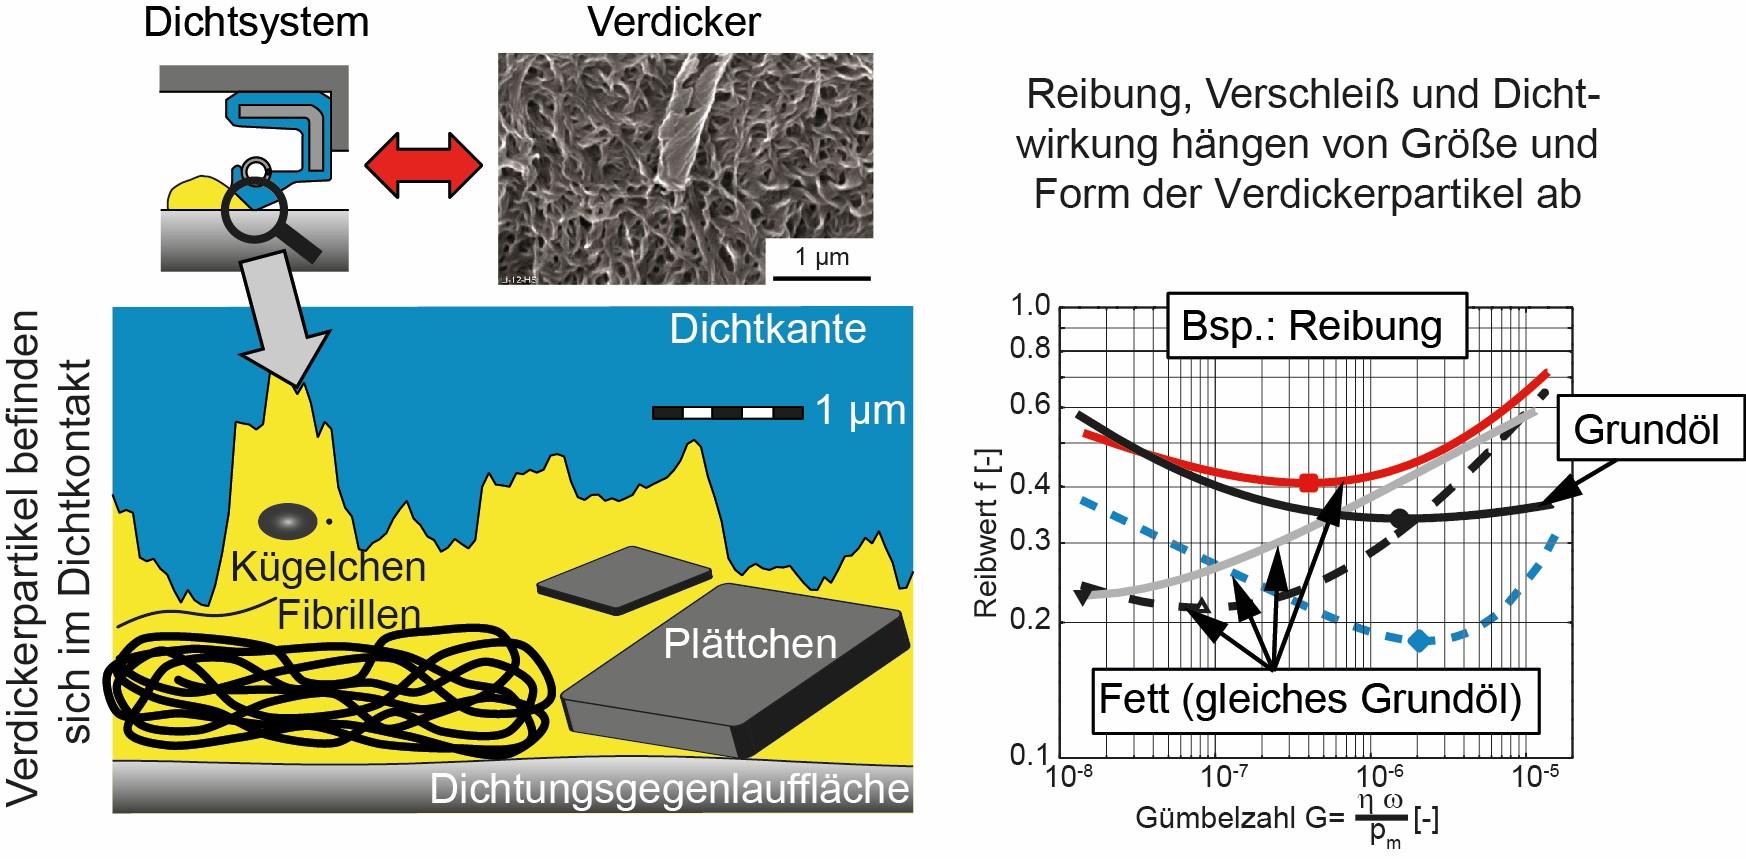 Bild 2: Wirkung des Verdickers. Gleiches Grundöl, unterschiedliche Verdicker, nach [4]. (Bild: IMA, Universität Stuttgart)